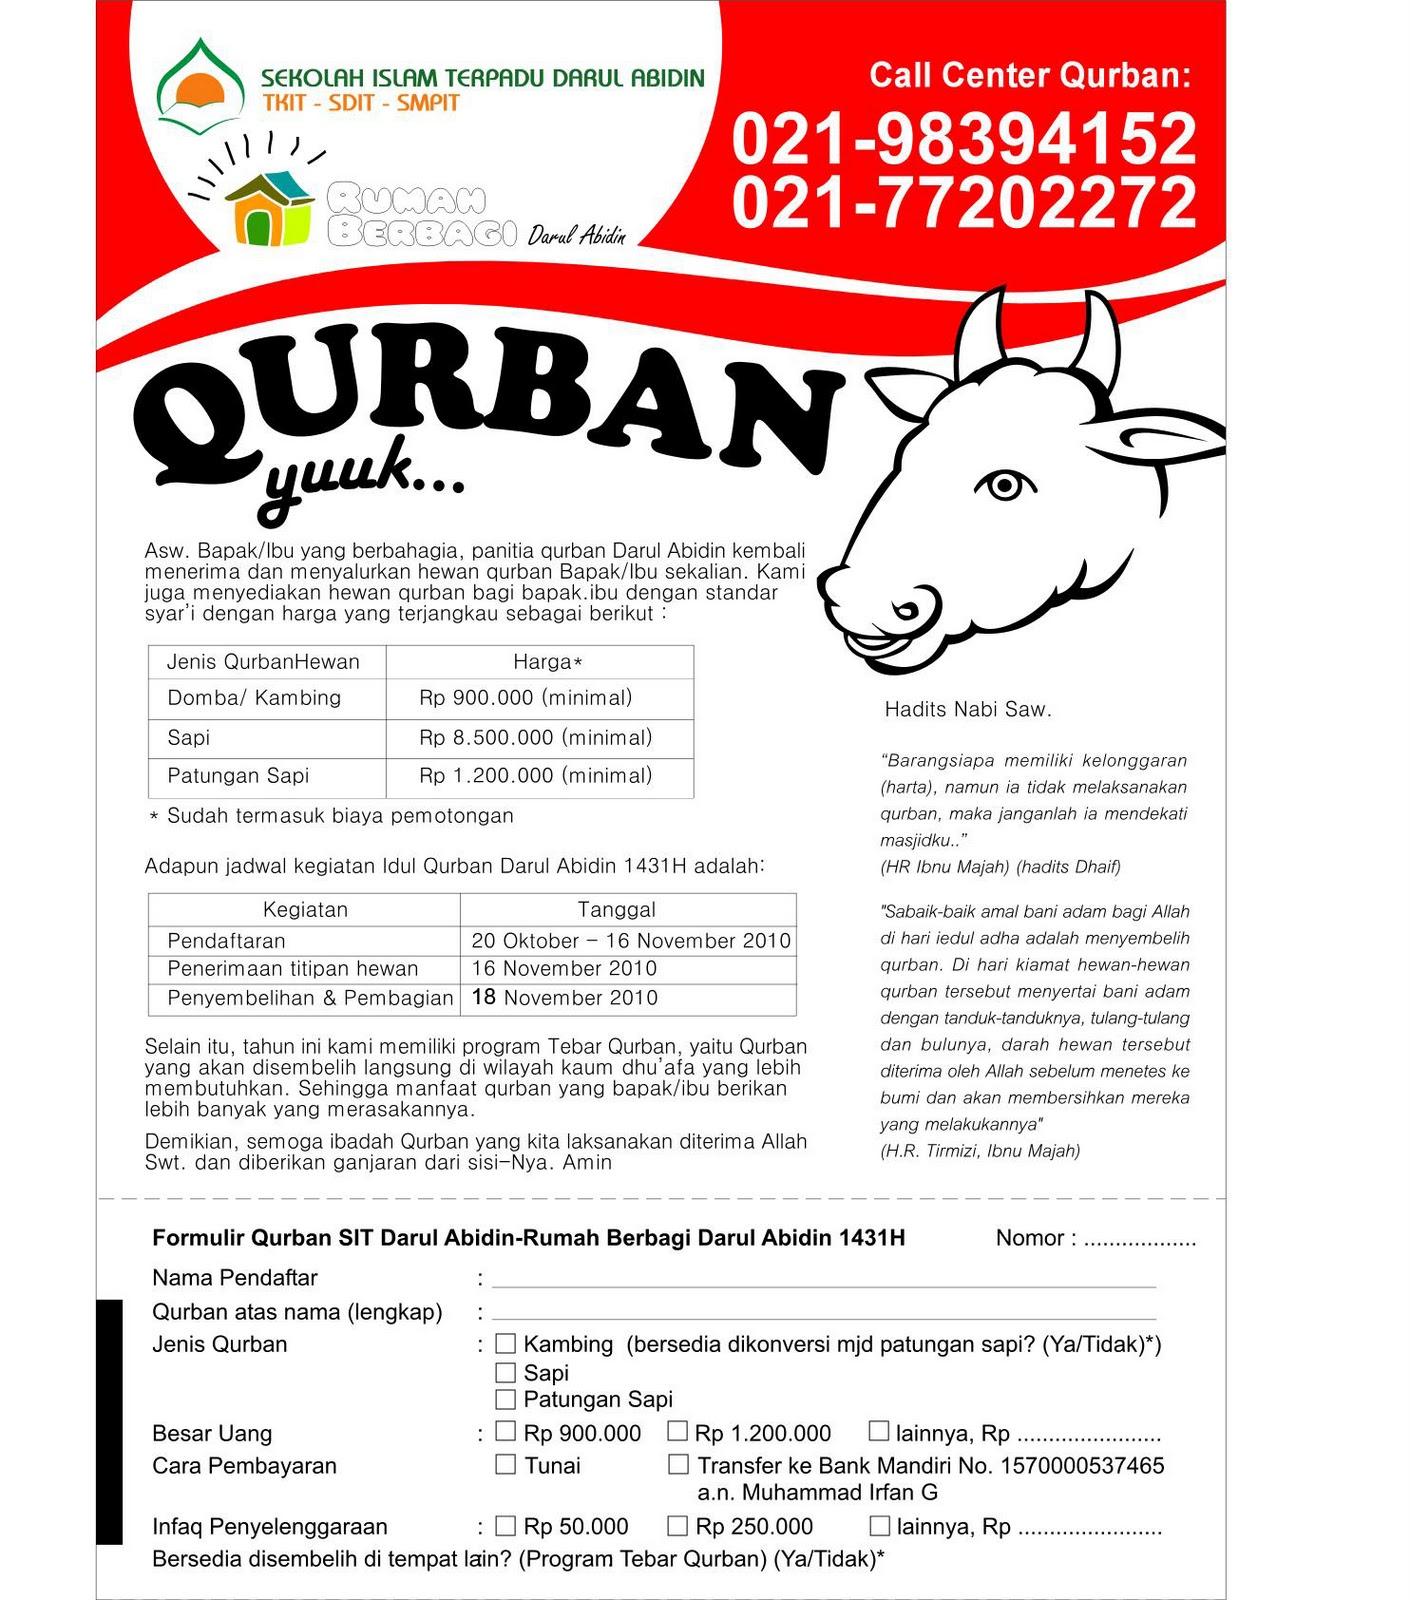 Contoh Brosur Obat:  Contoh Brosur Qurban